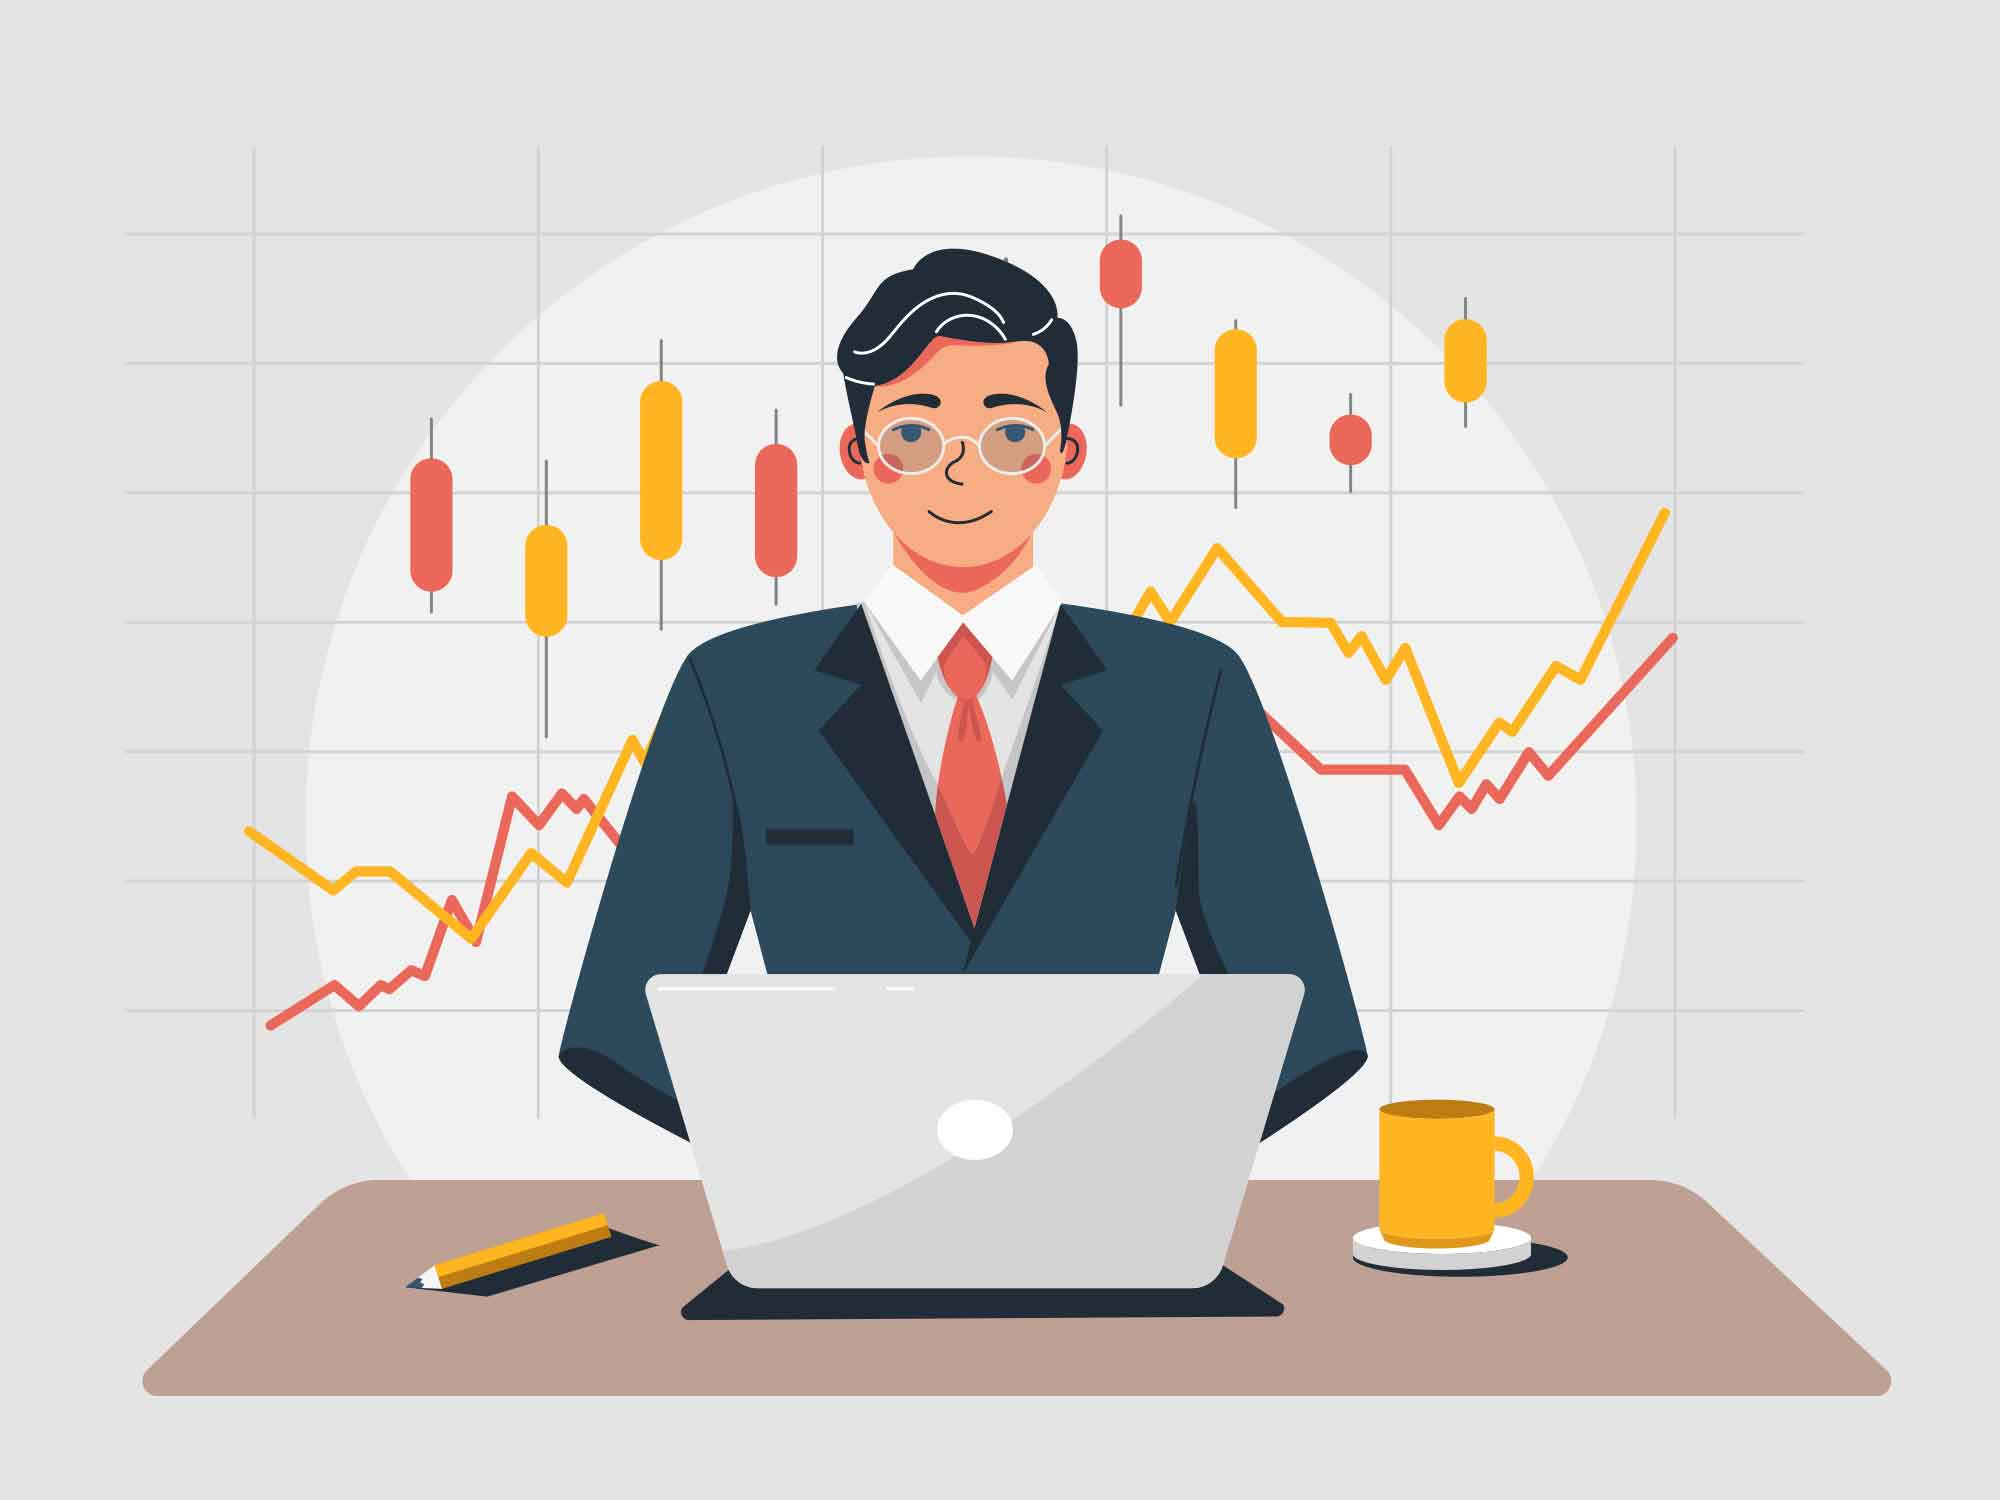 Stock Trader Illustration